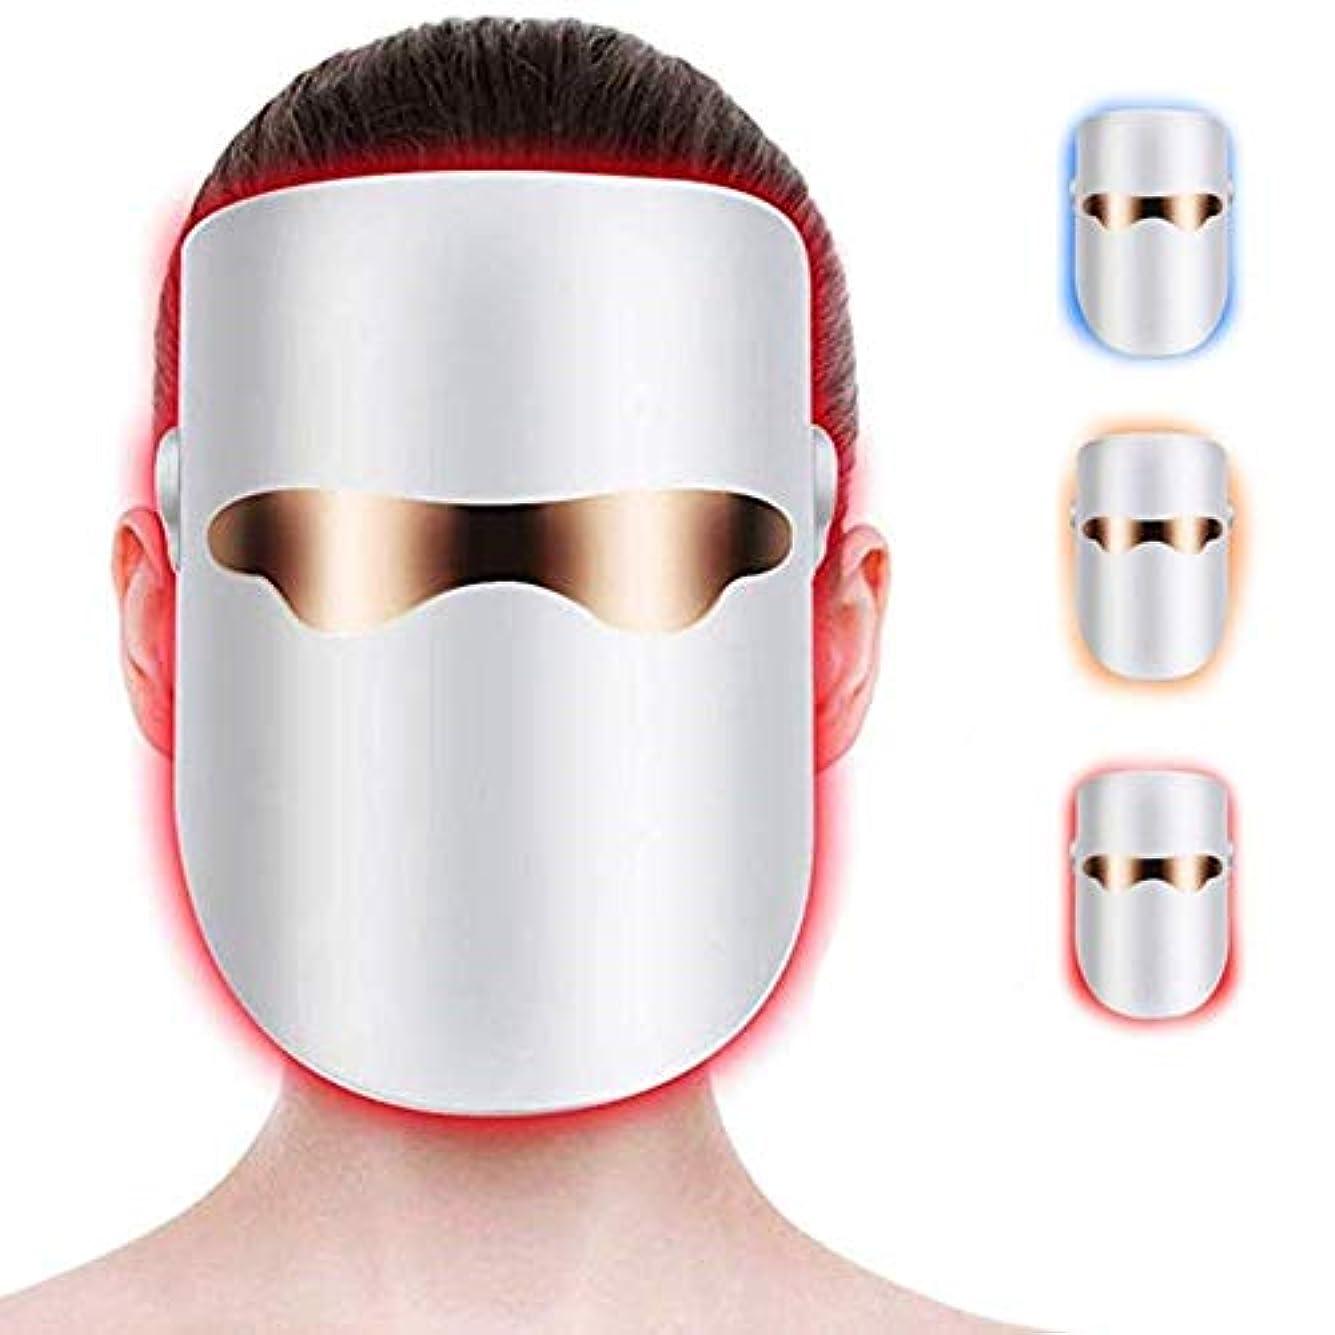 ちょうつがい書き出す体細胞LEDフォトンフェイスマスク、しわ用美容スキンケアマスク、にきびアンチエイジング